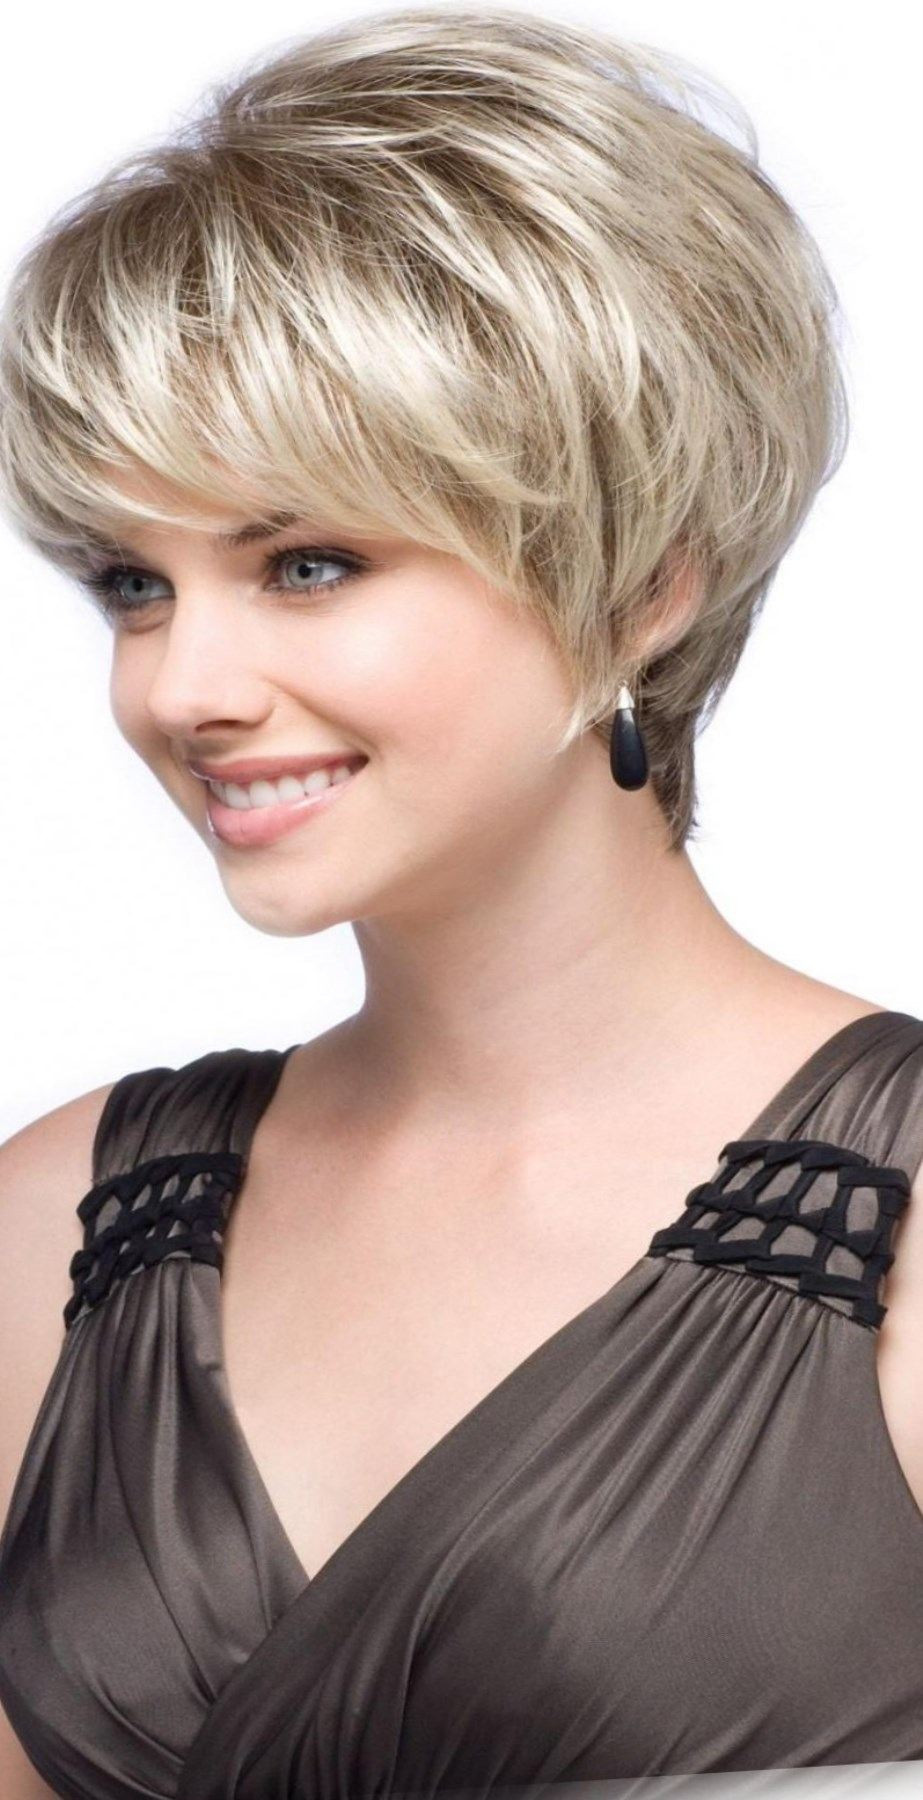 Beau Coupe Cheveux Blancs Courts Femme 60 Ans – Coloration